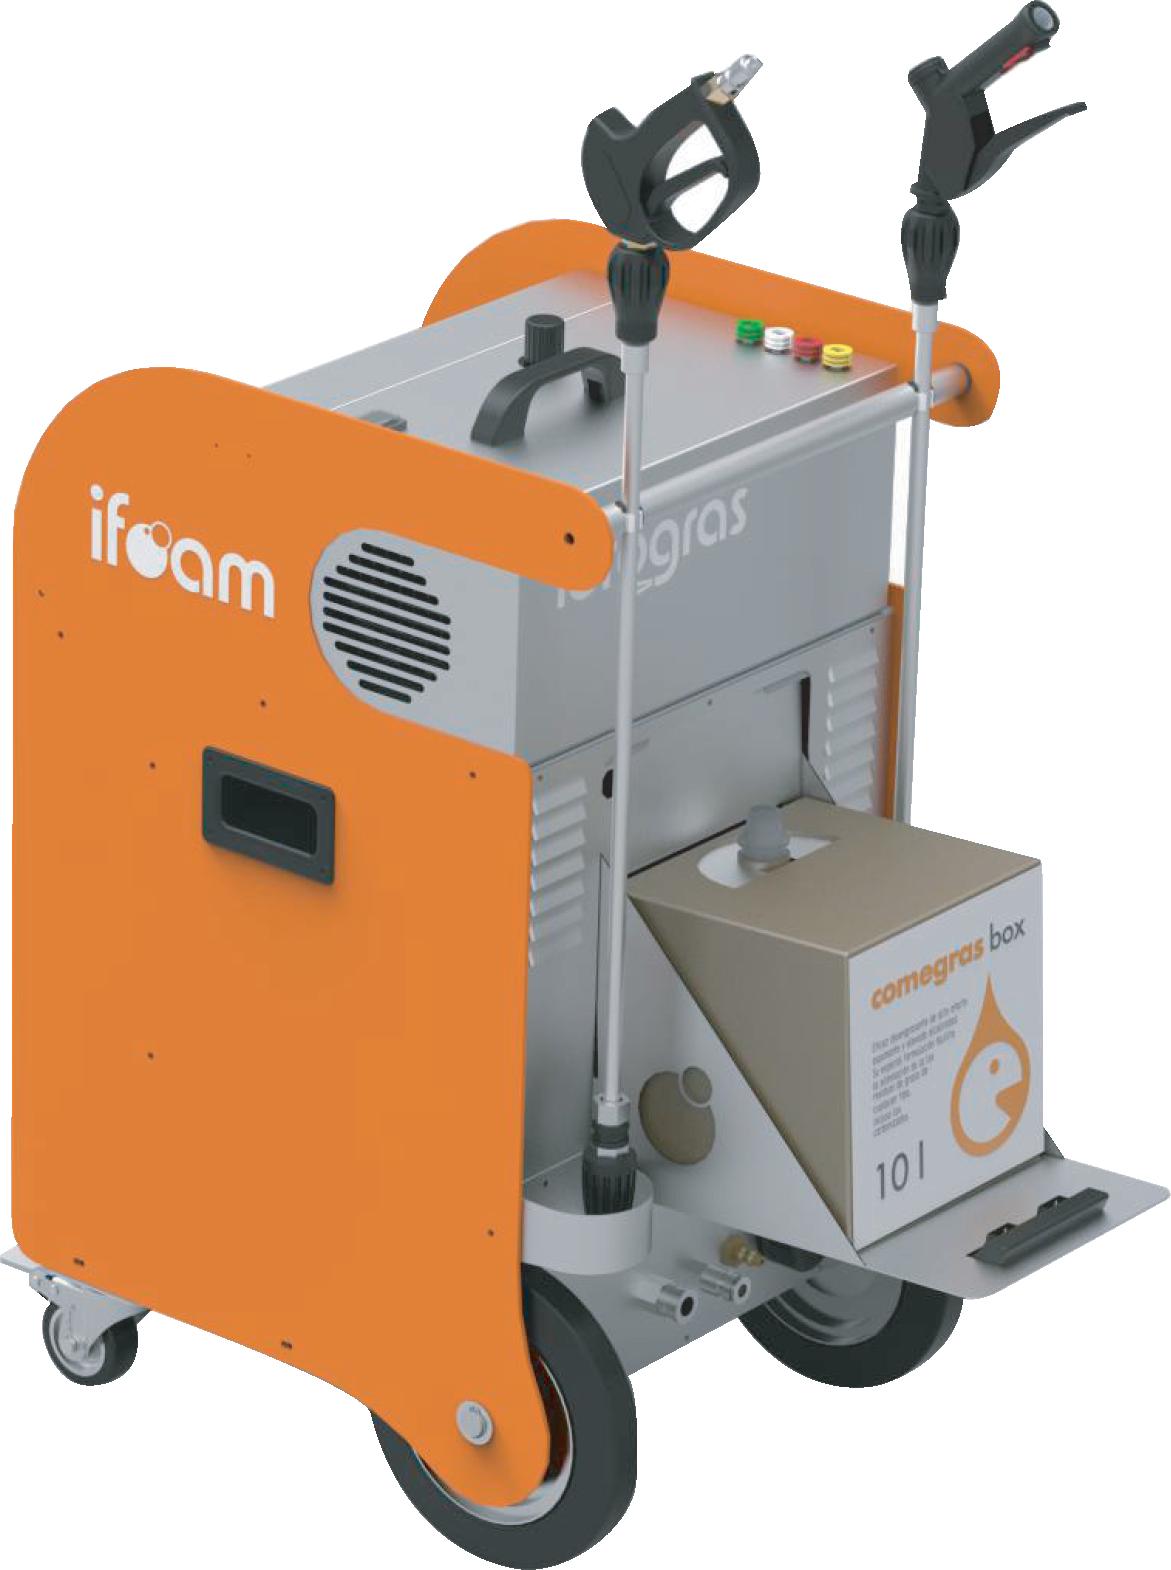 maquina ifoam